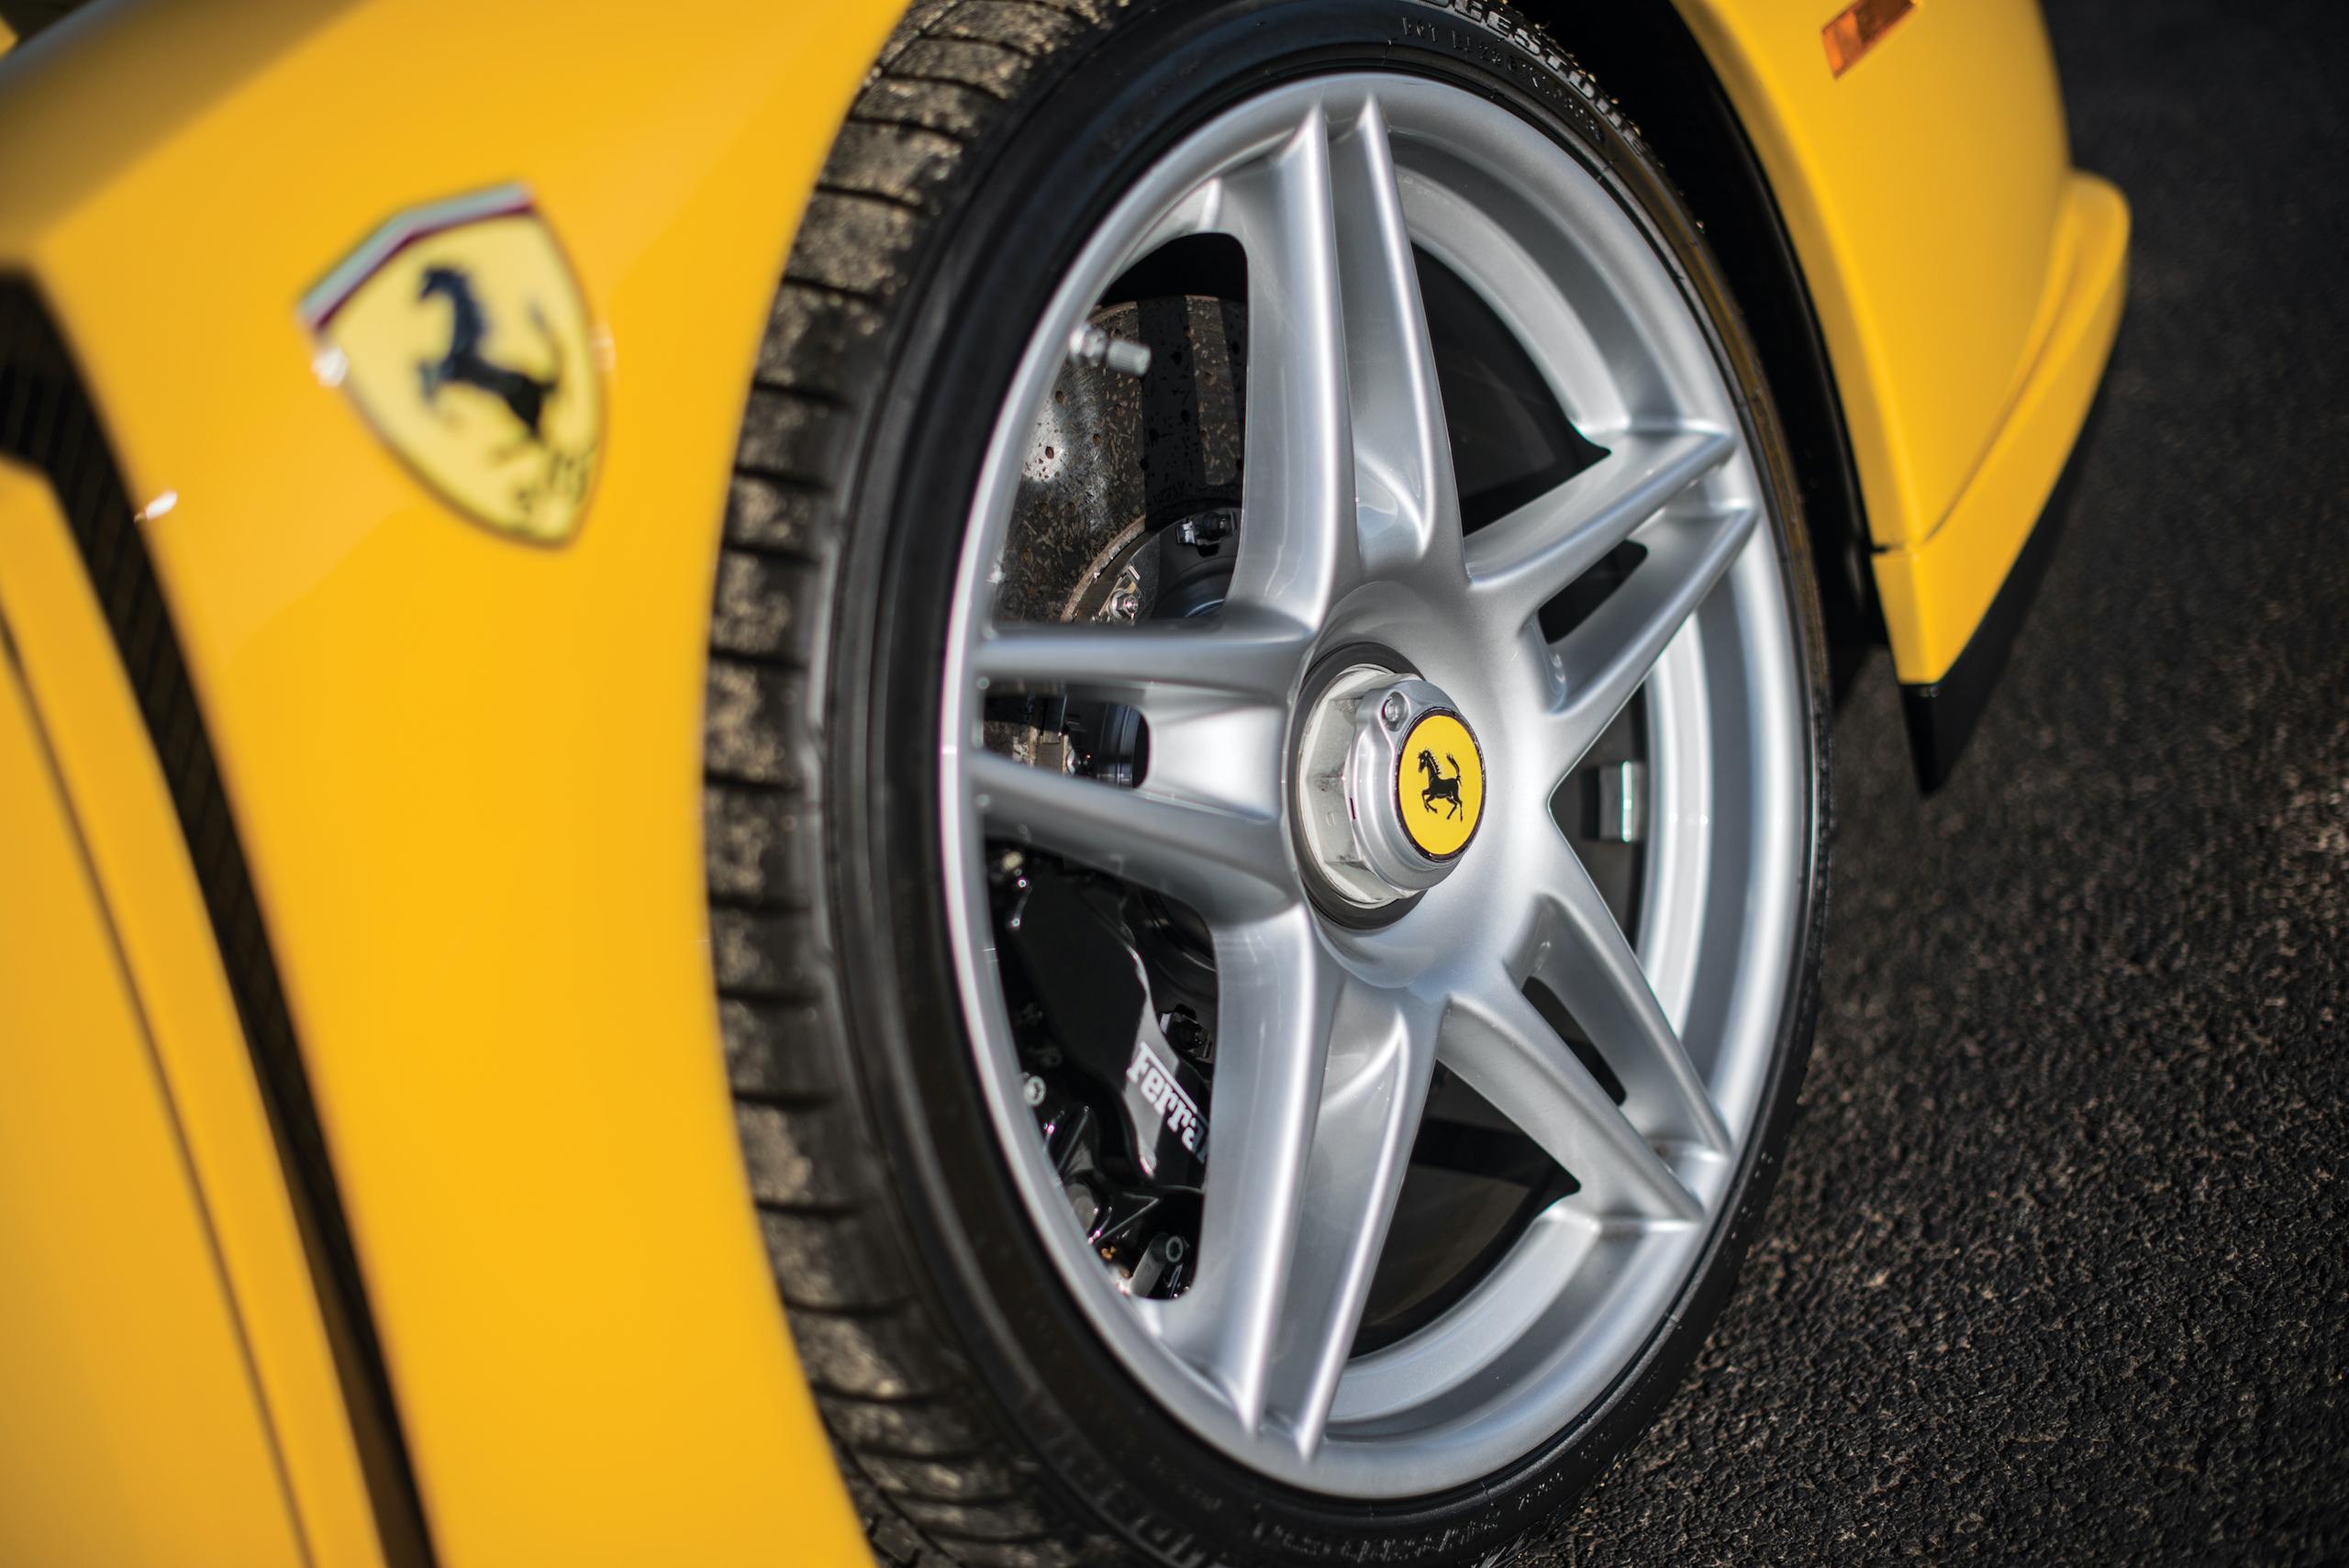 2002 Ferrari Enzo wheel detail